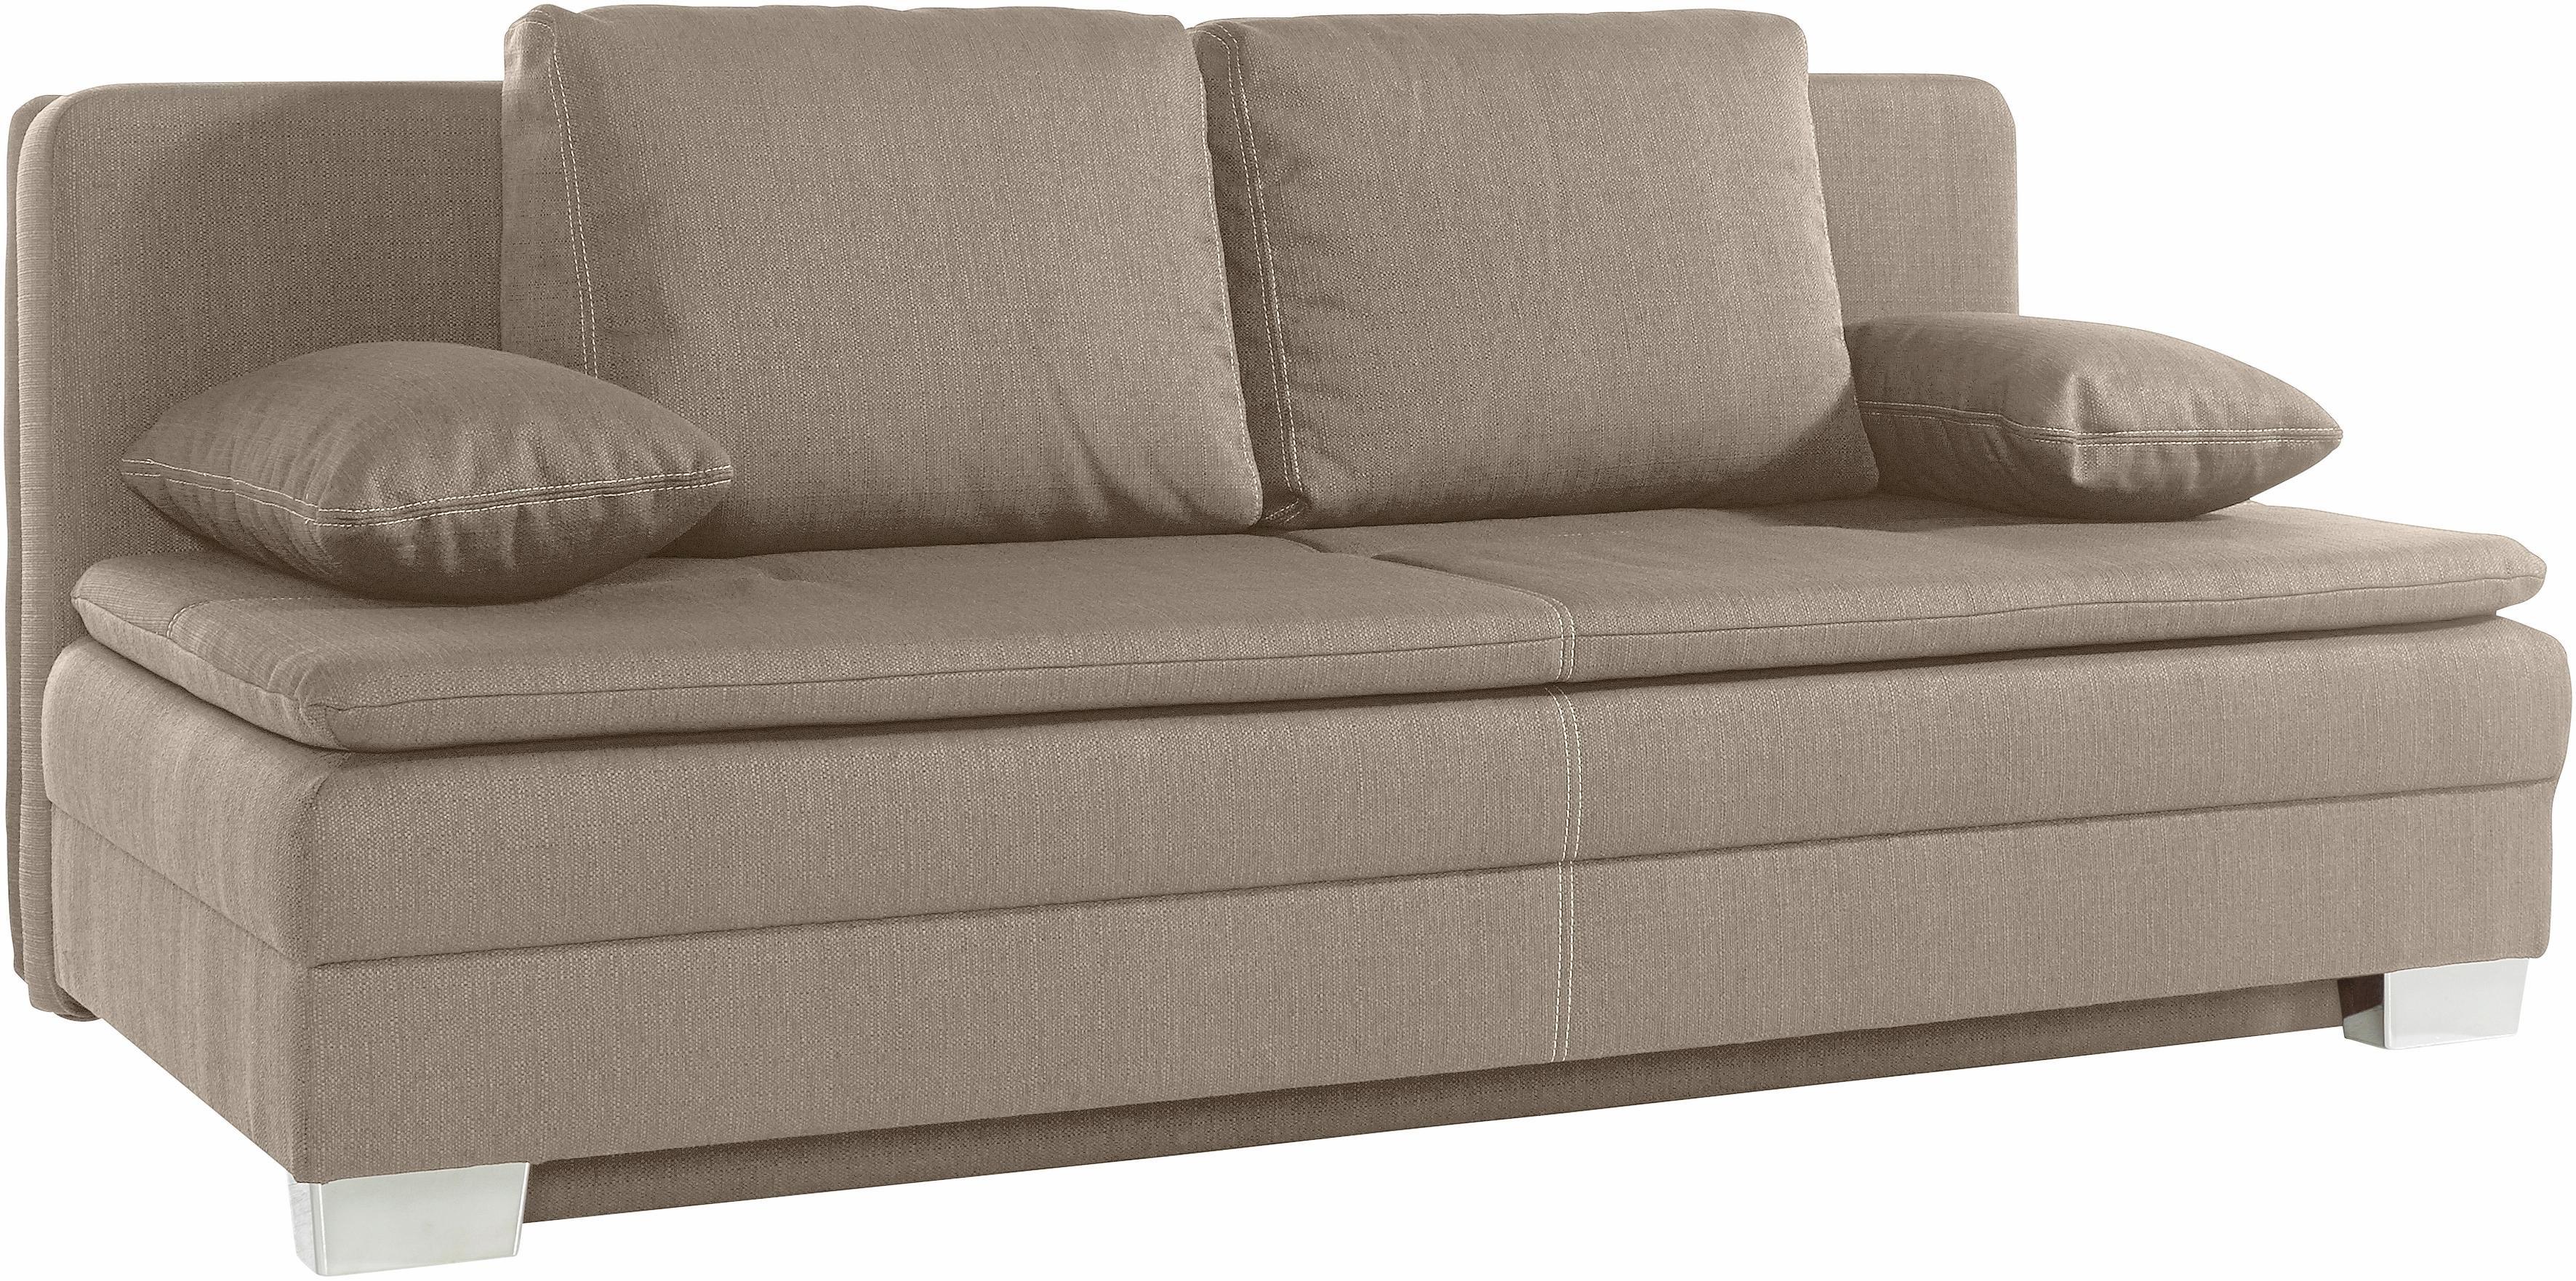 Bedbank met koudschuimtopmatras voordelig en veilig online kopen